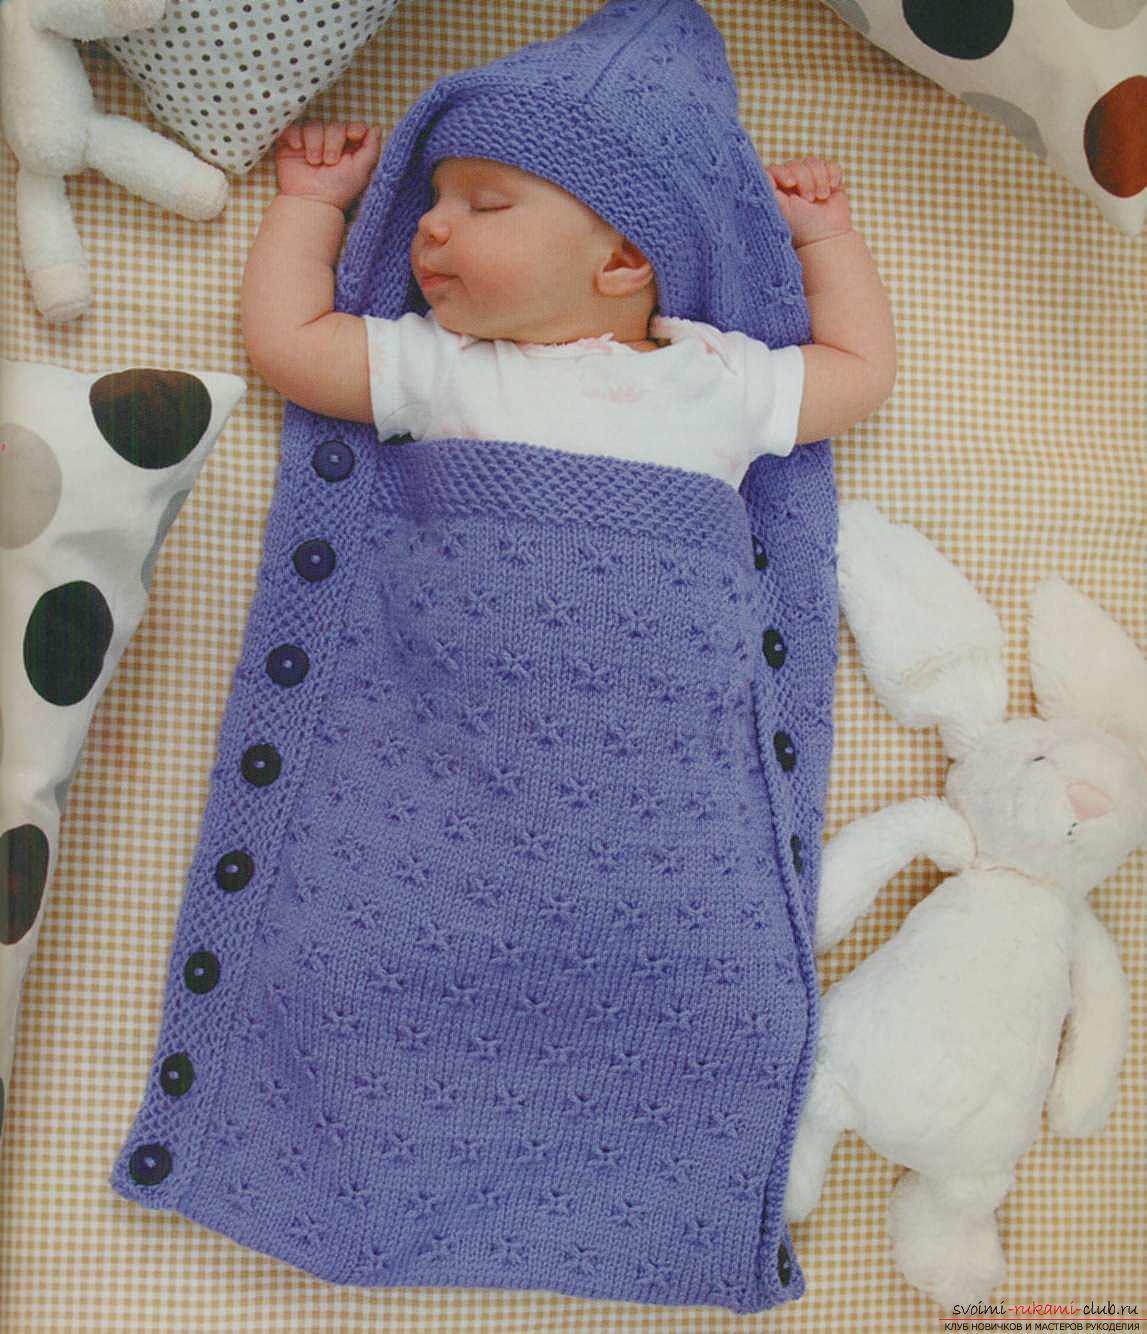 Комбинезон для новорожденного спицами выкройка, схема 20